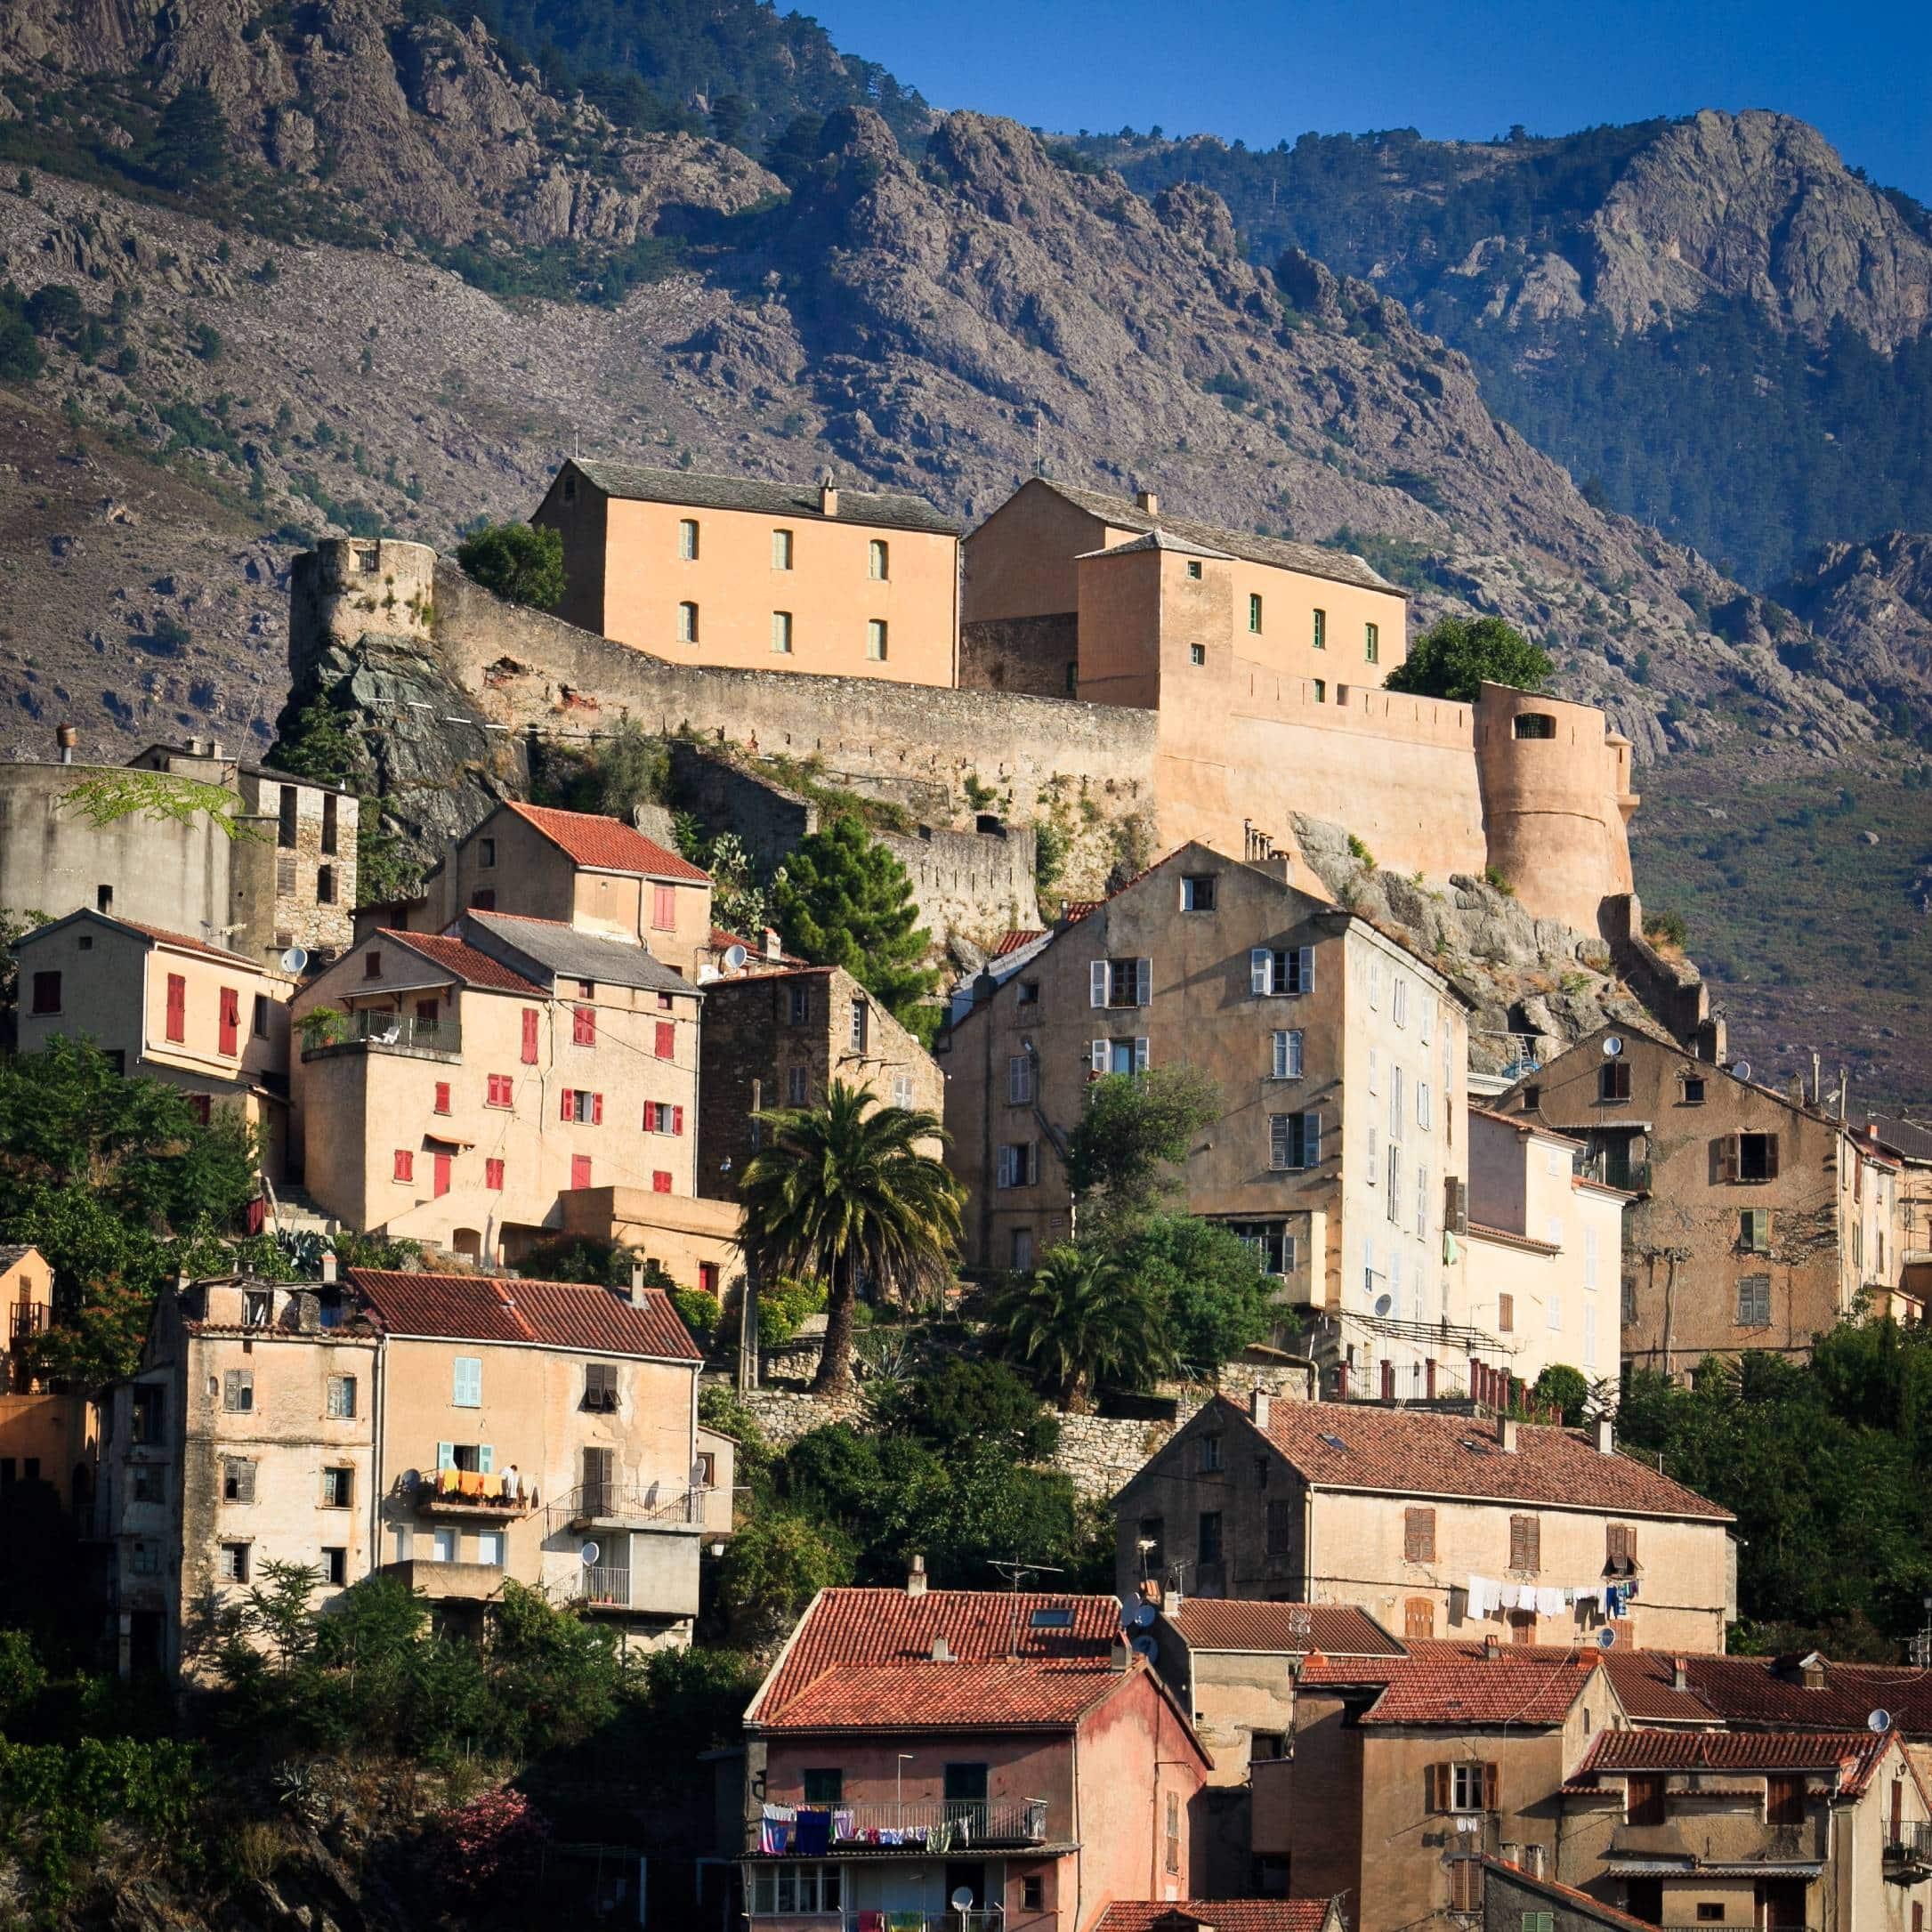 acheter un logement en Corse pour sa retraite